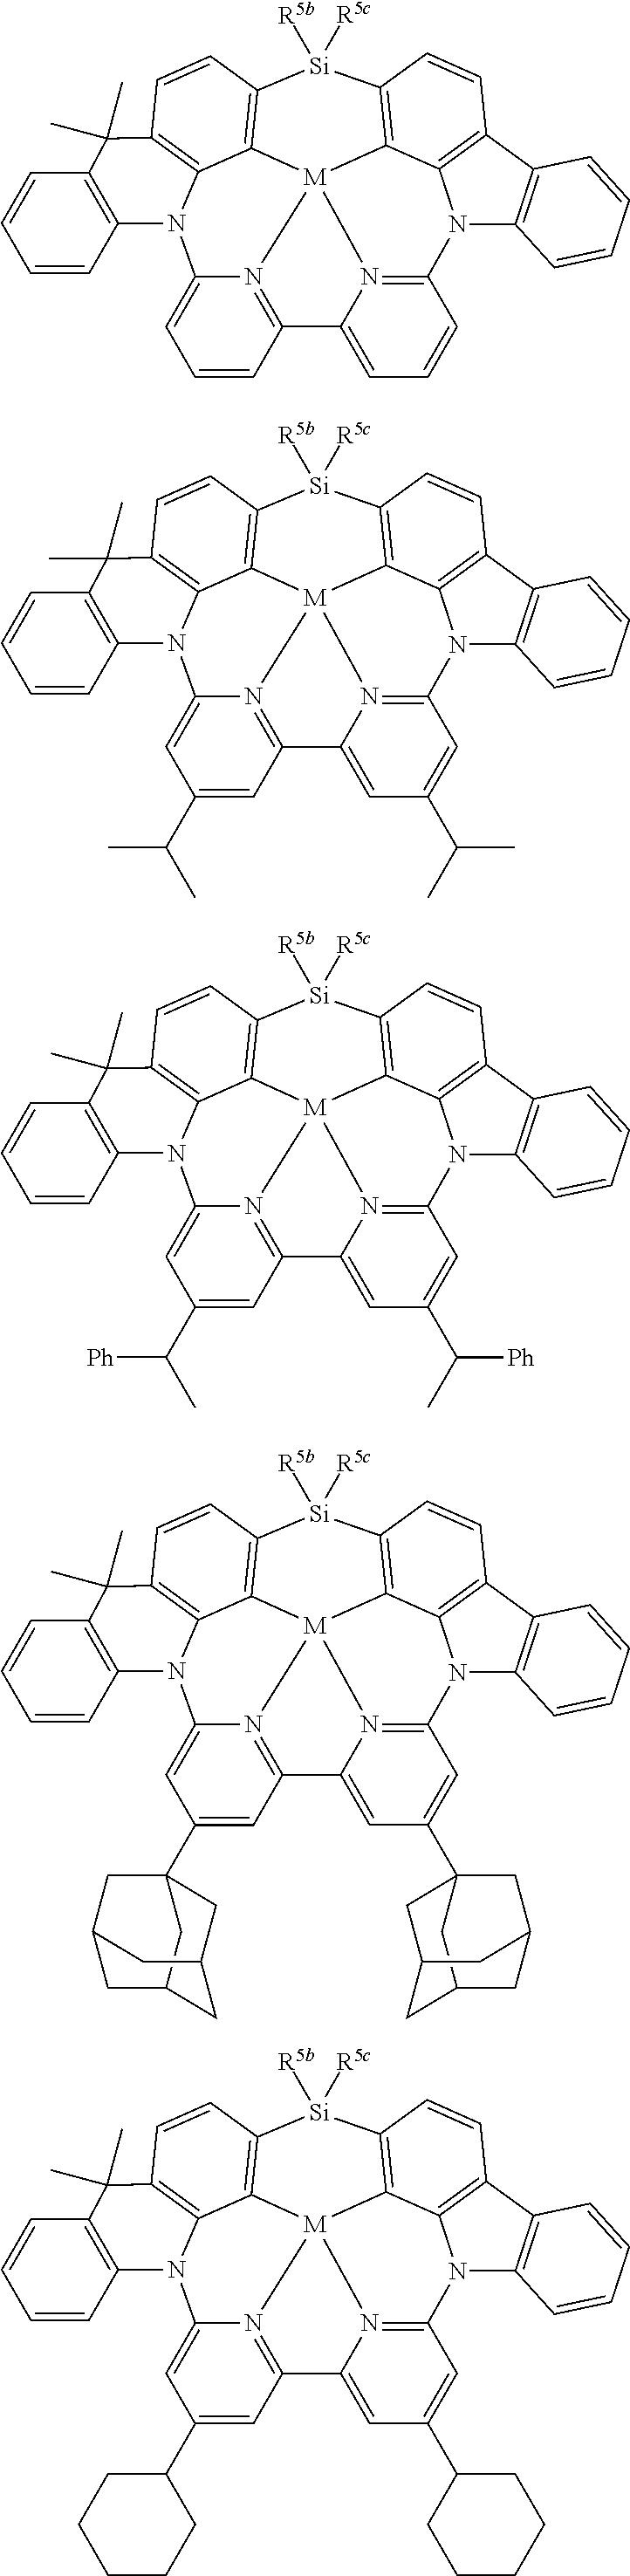 Figure US10158091-20181218-C00124